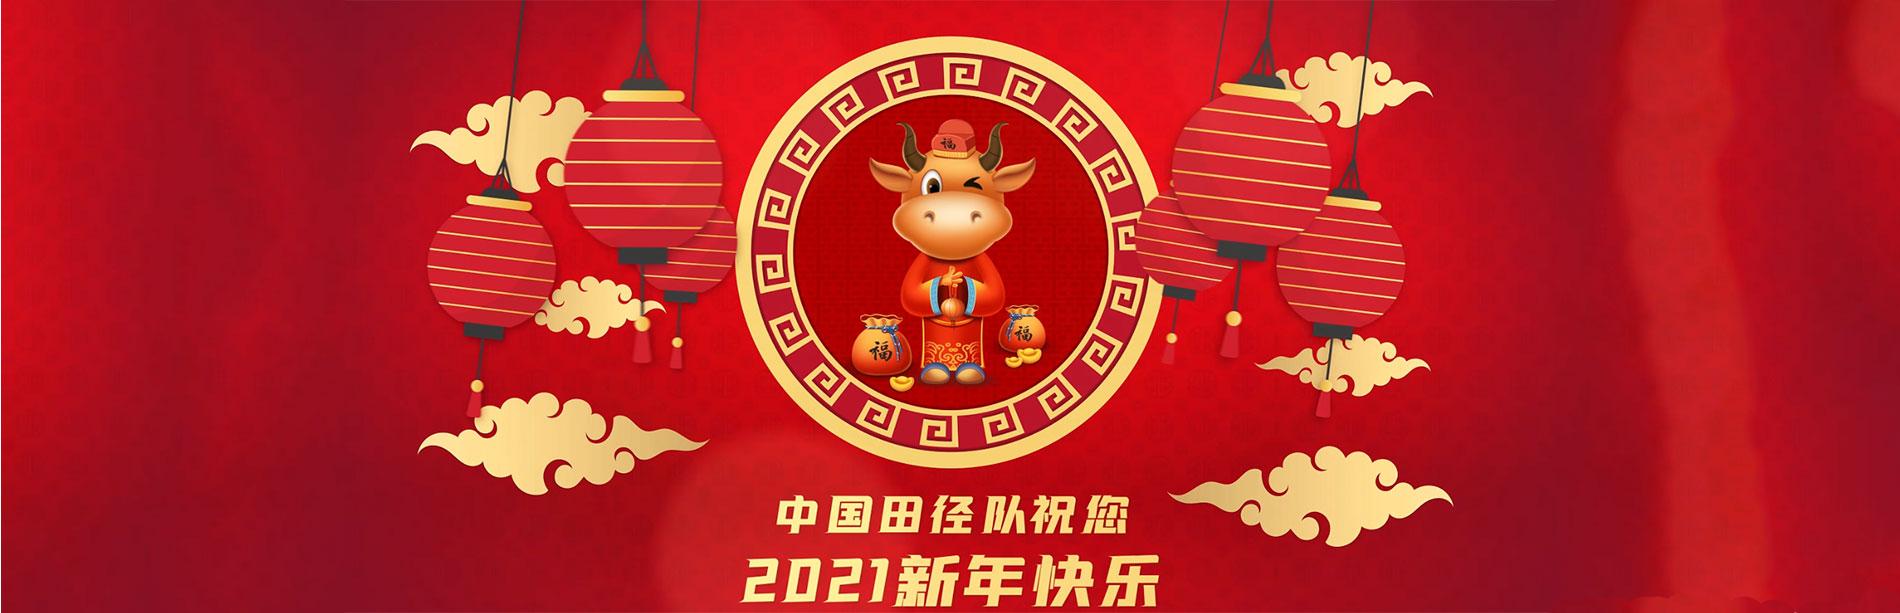 福牛转乾坤!中国国家田径队祝全国人民新春快乐 牛气冲天